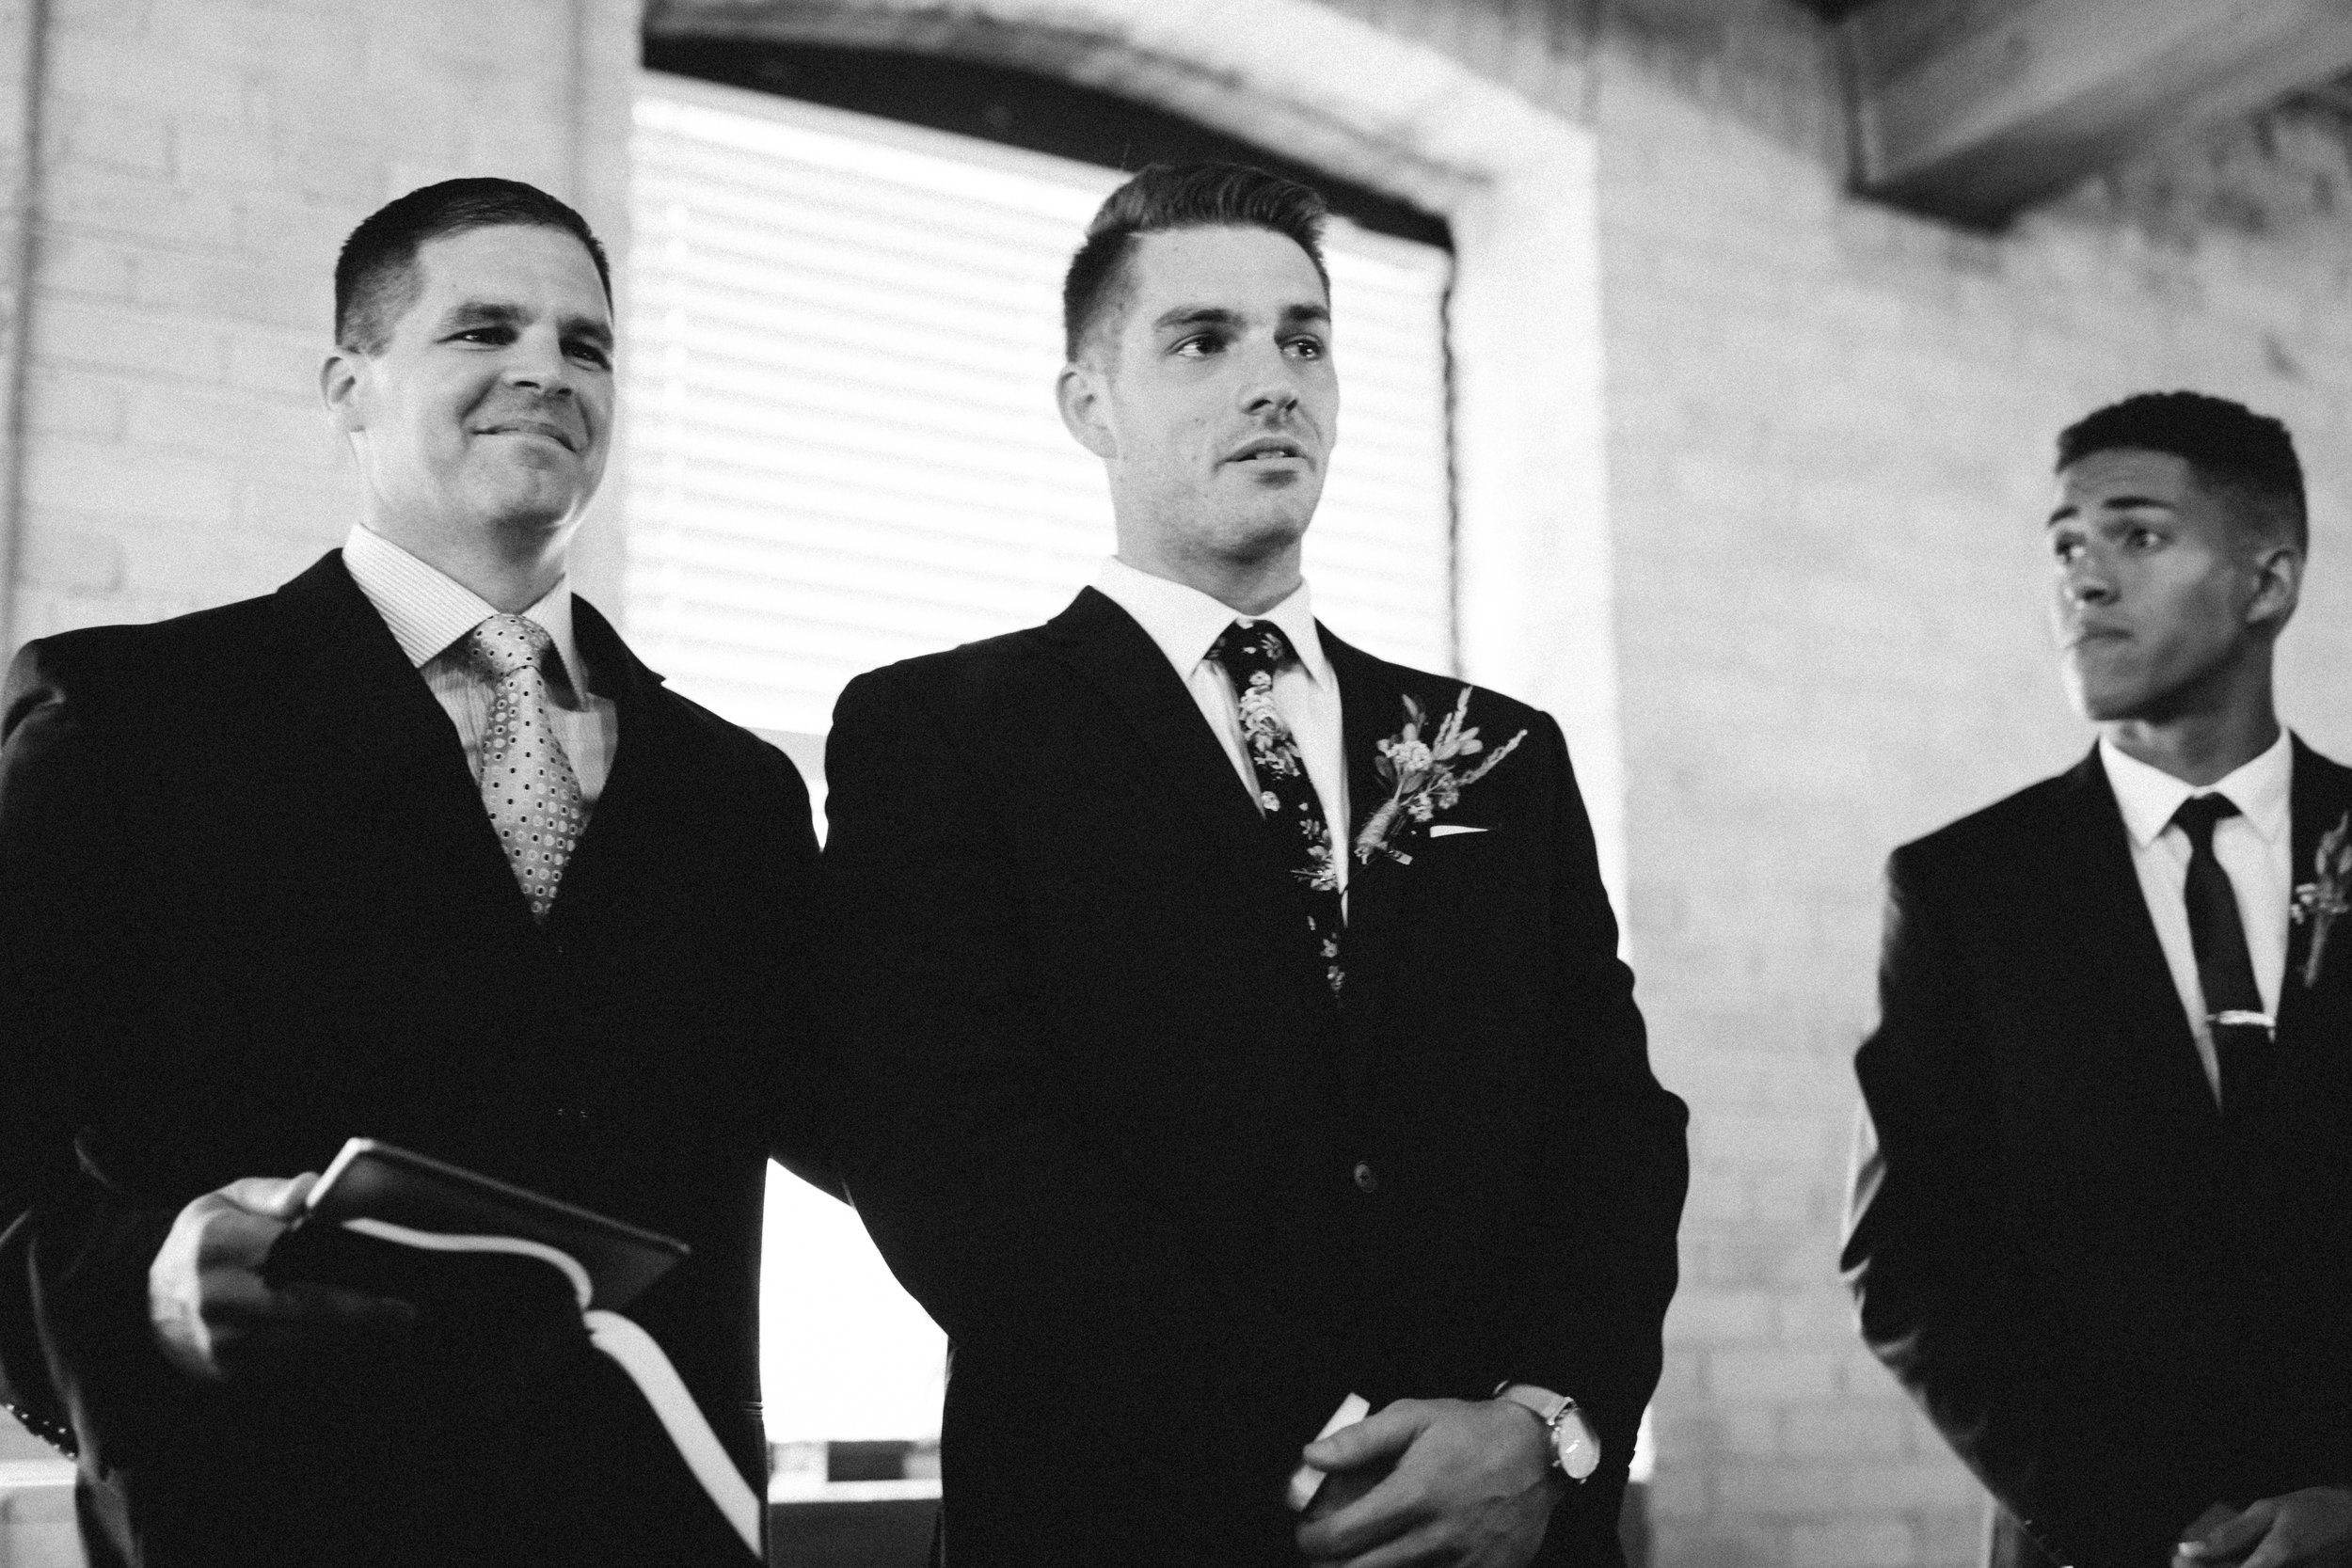 Emotional-Groom-Wedding-Day-02